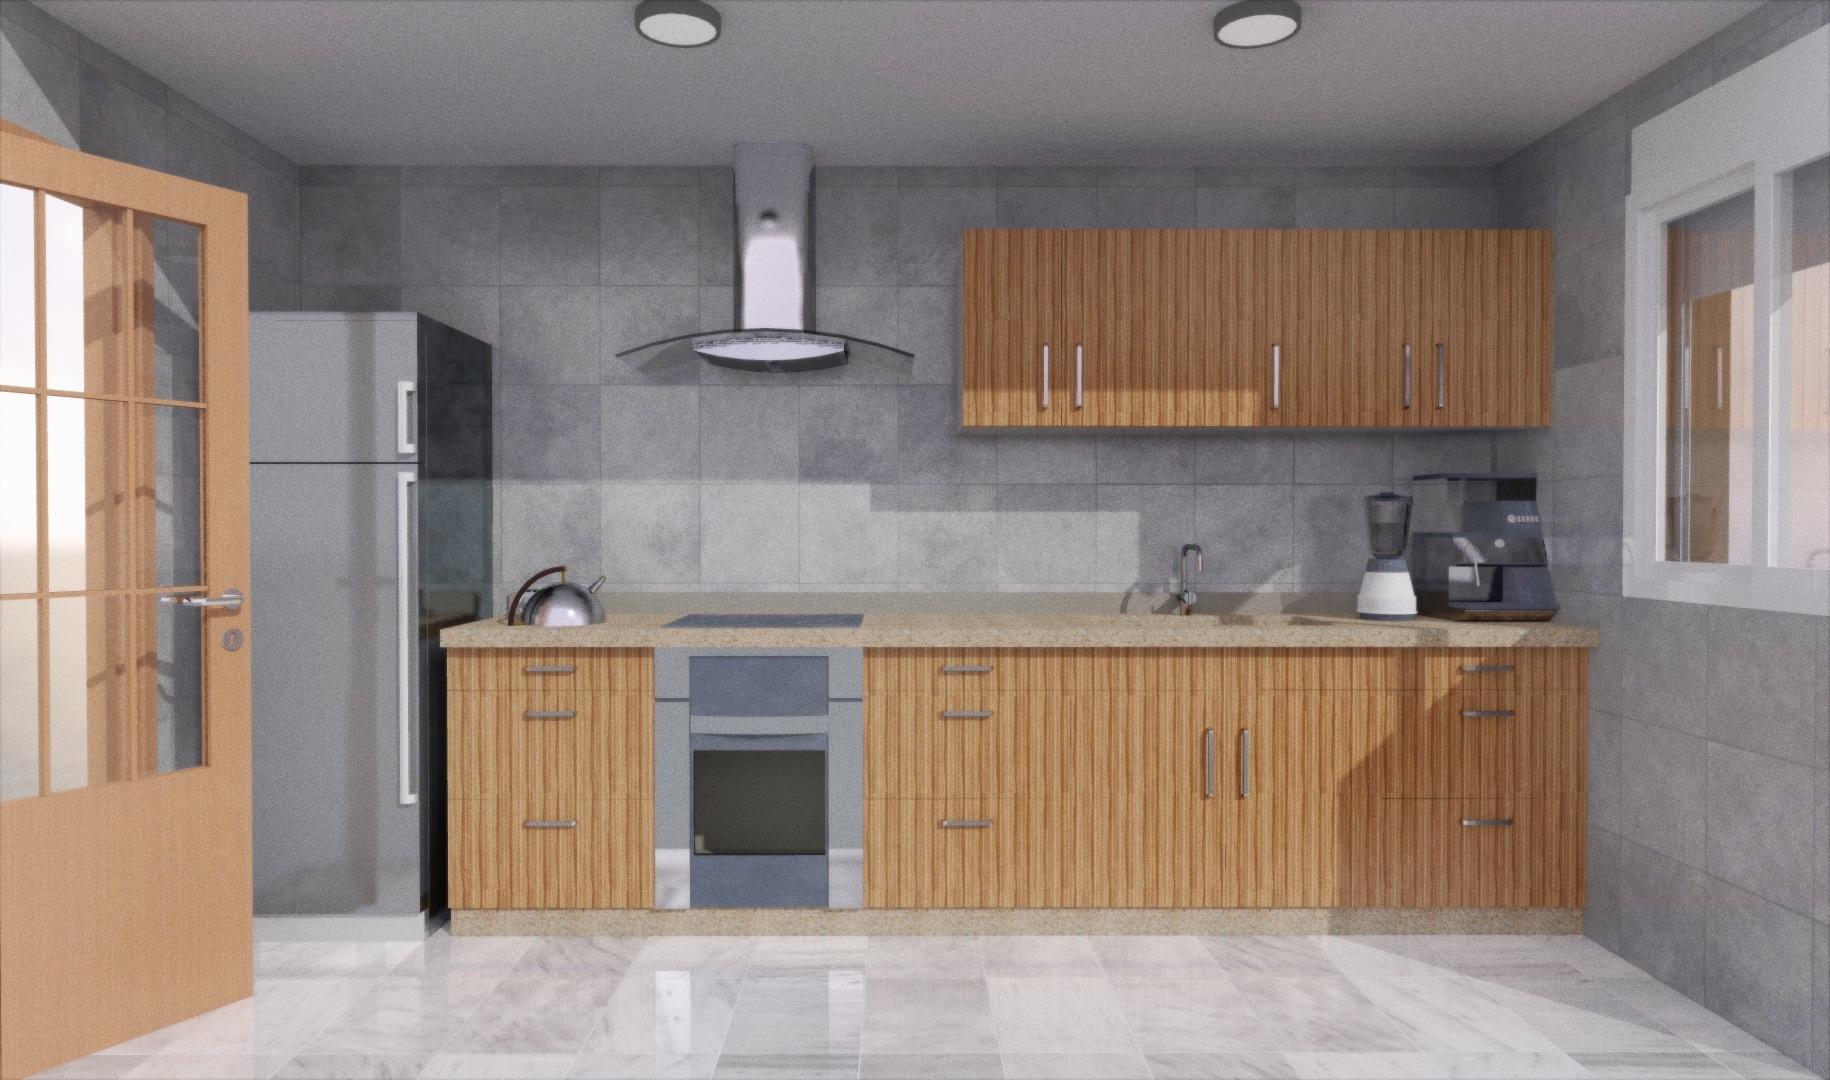 Garquitectos cuanto mide una cocina for Altura de meson de cocina